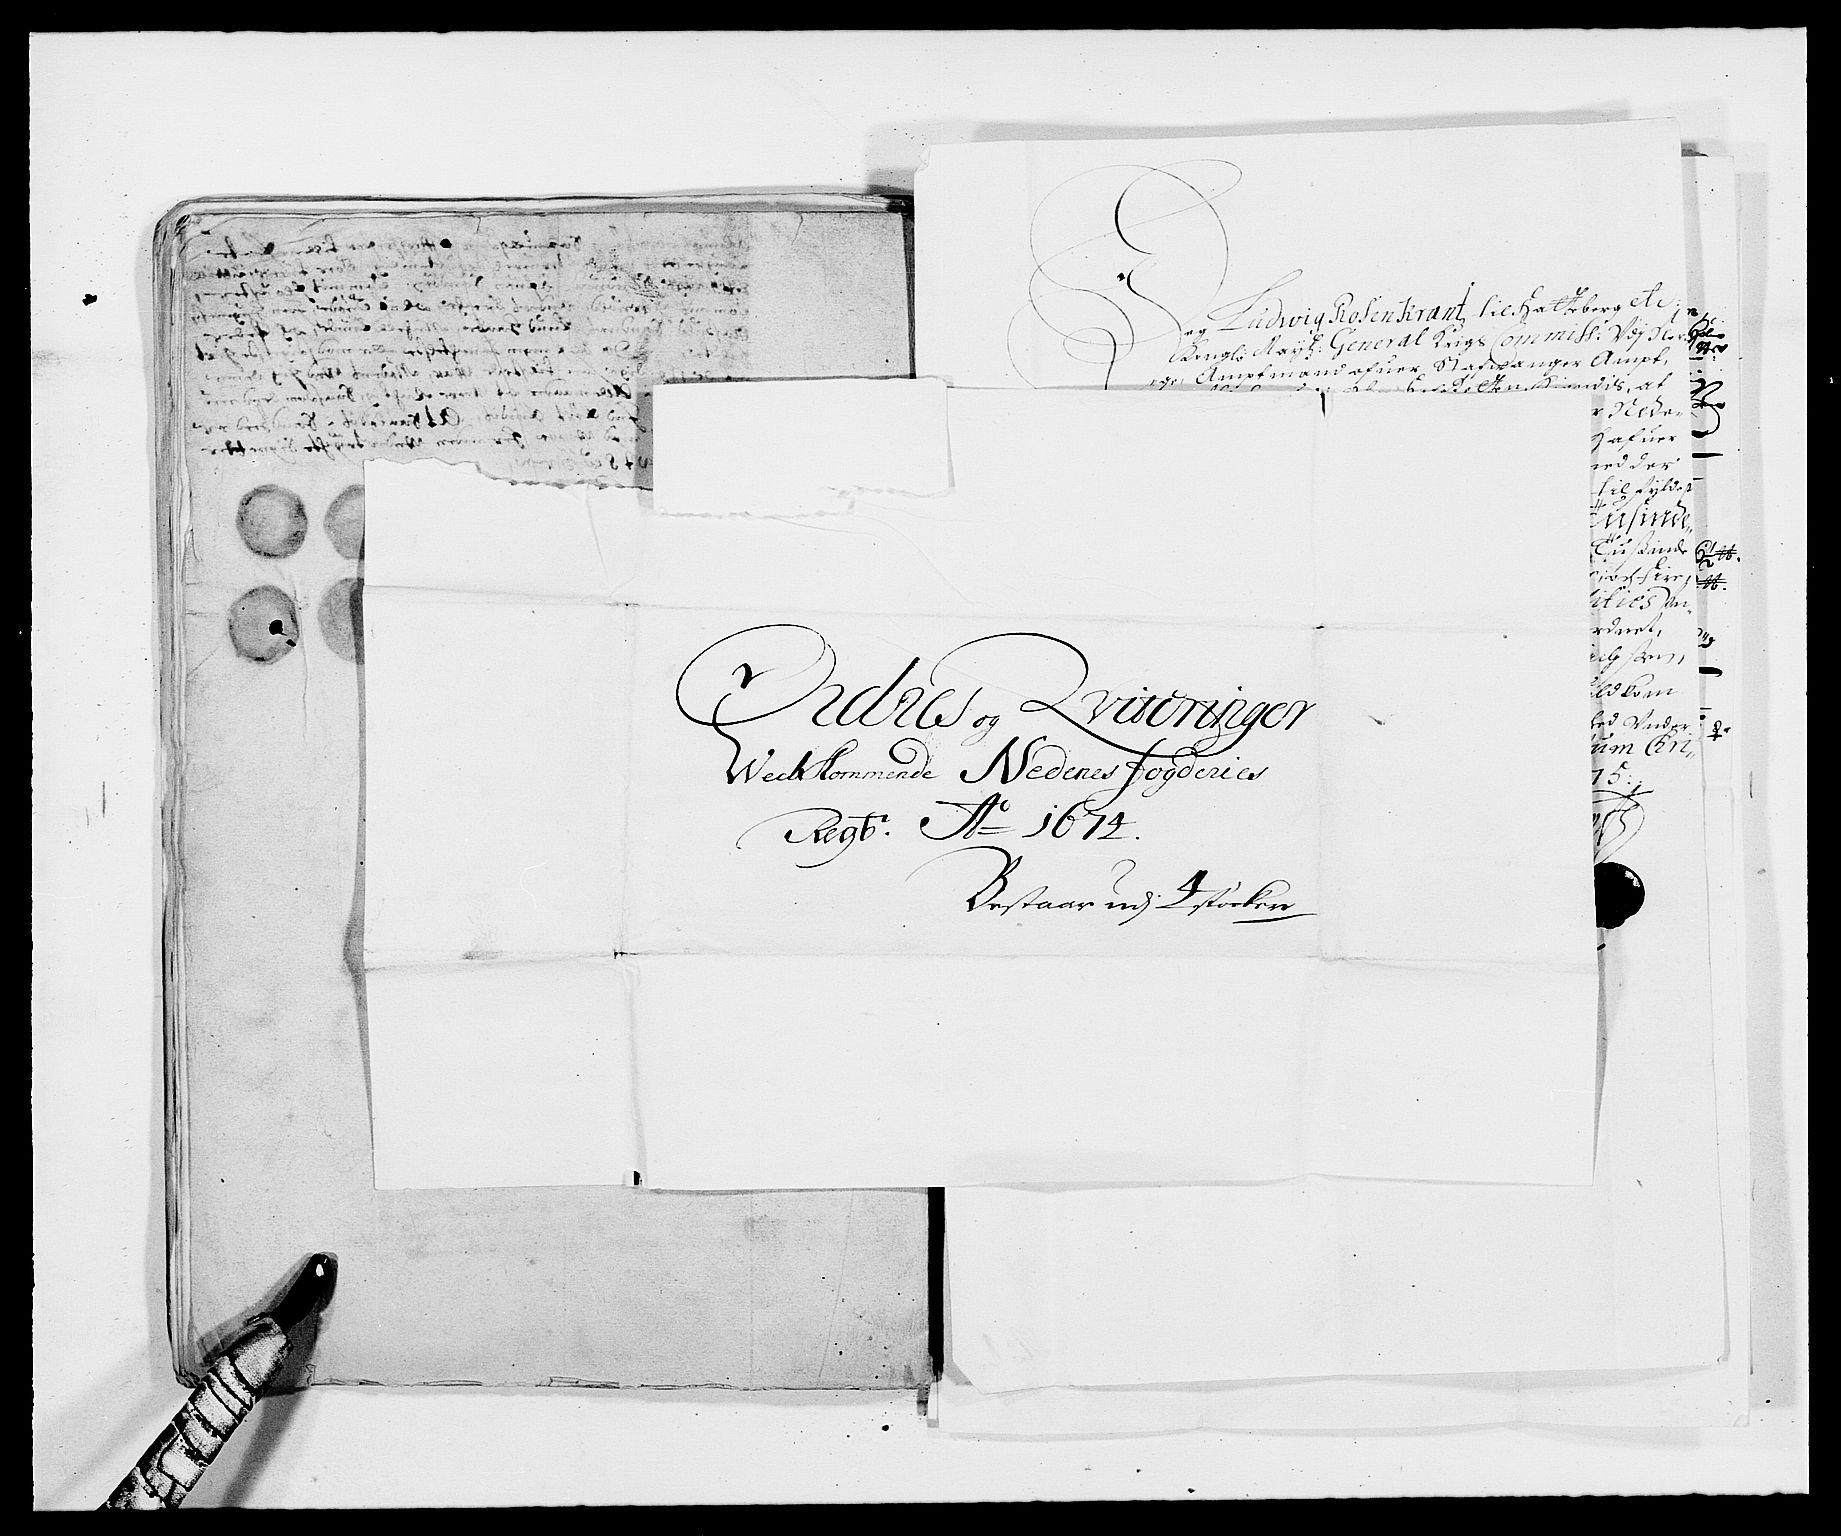 RA, Rentekammeret inntil 1814, Reviderte regnskaper, Fogderegnskap, R39/L2300: Fogderegnskap Nedenes, 1672-1674, s. 429